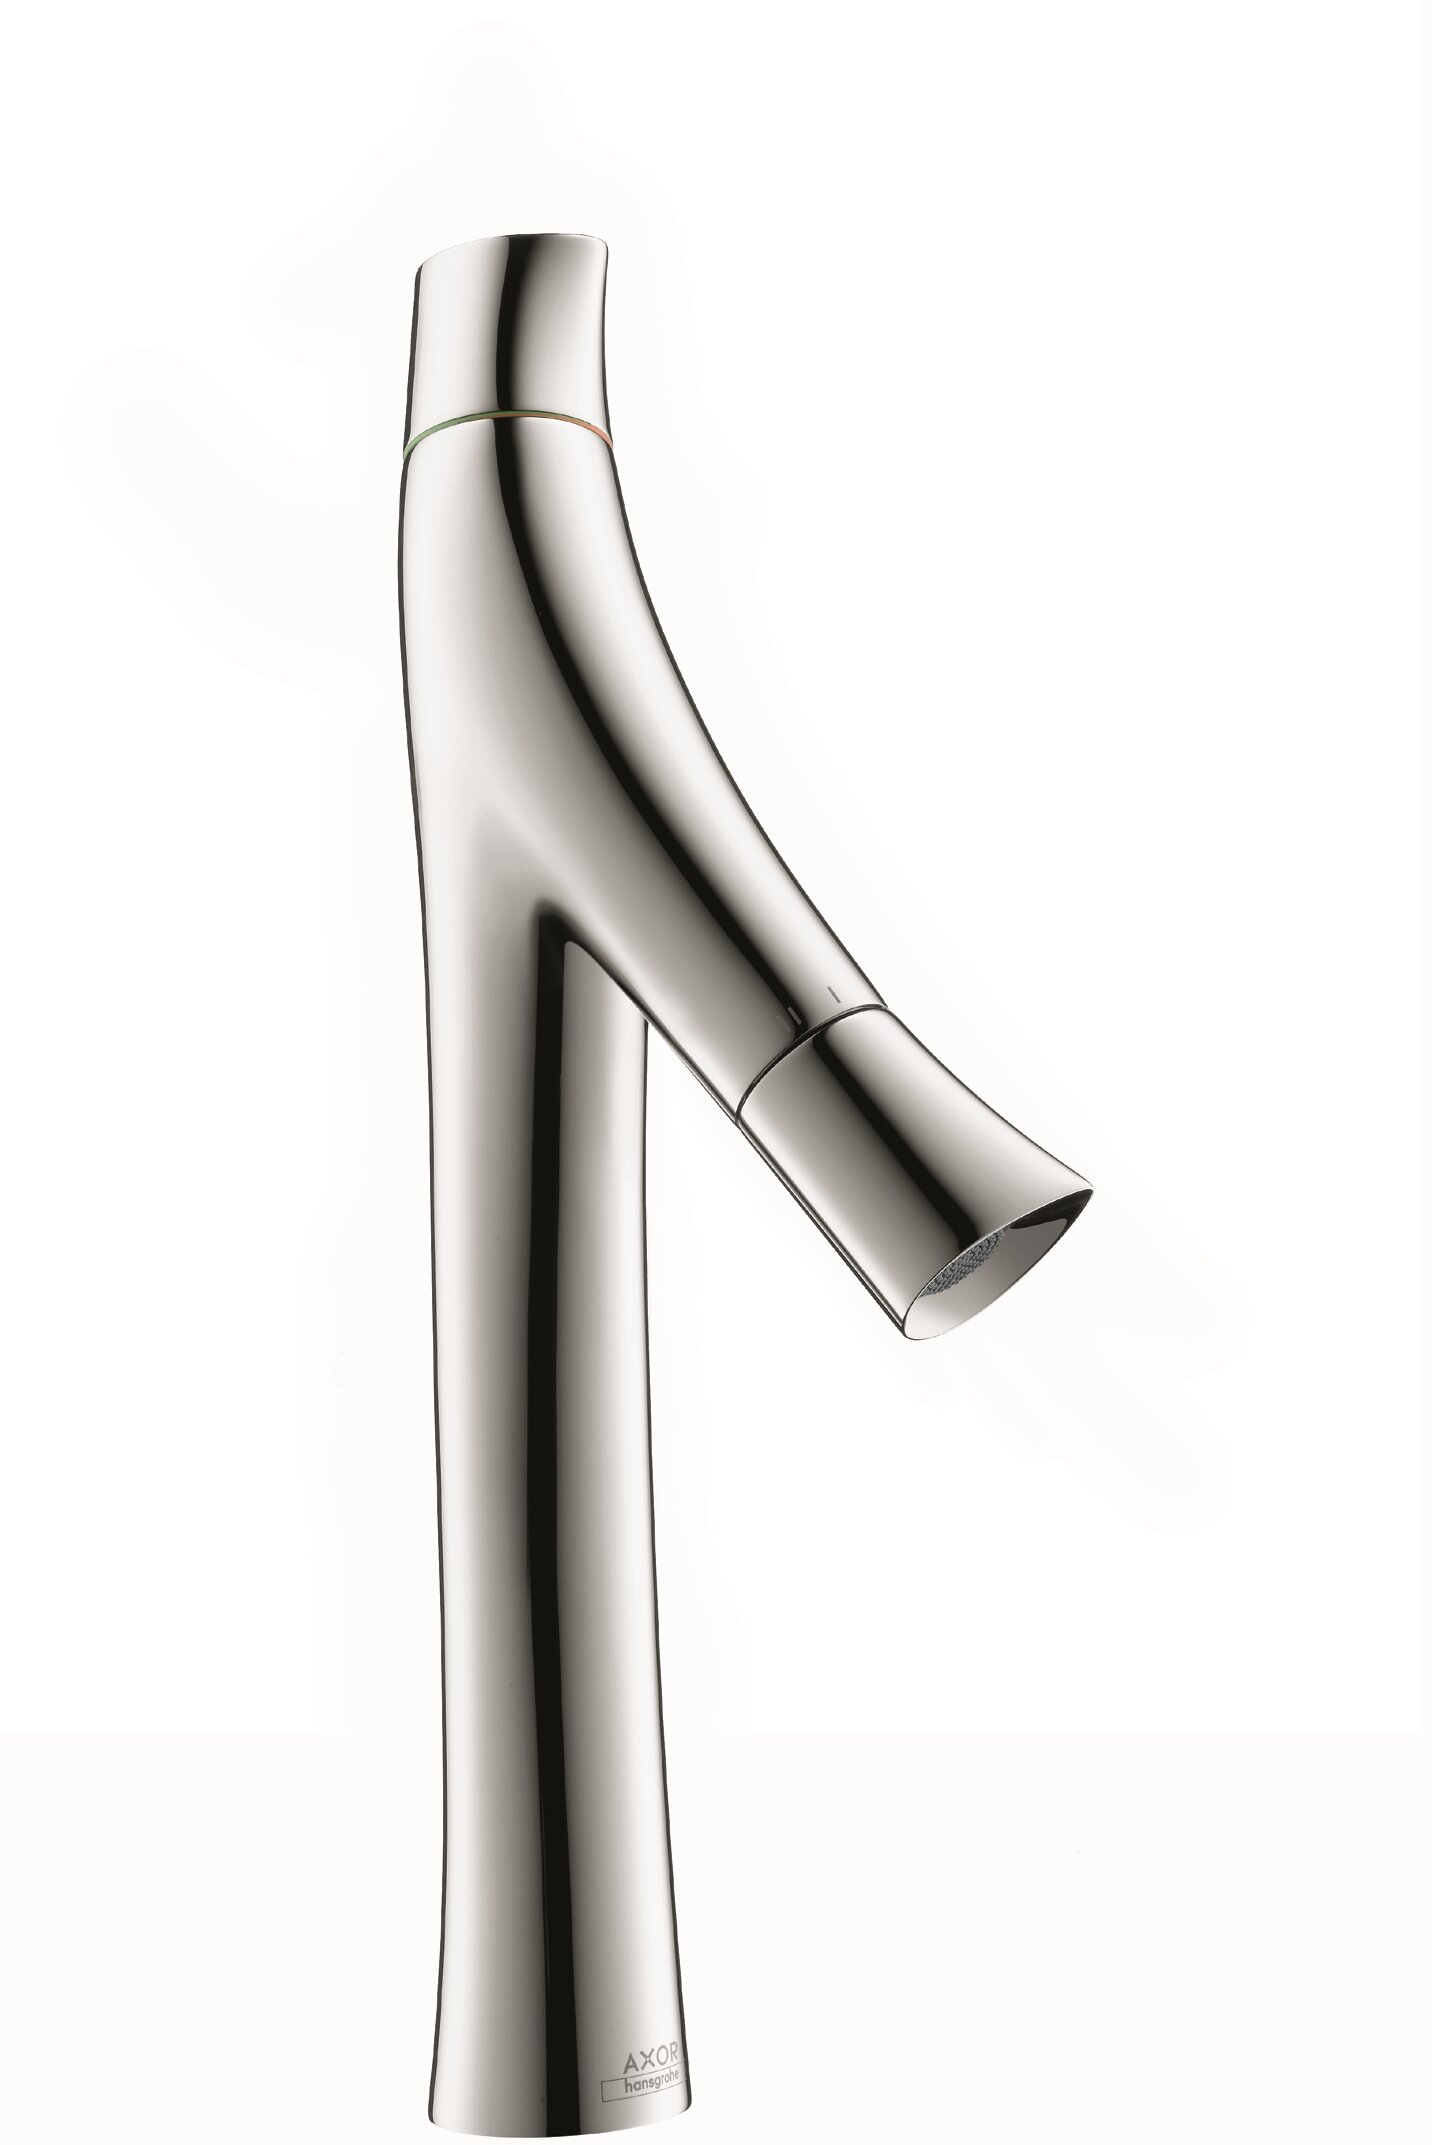 Axor Axor Starck Organic Single Hole Bathroom Faucet | Wayfair